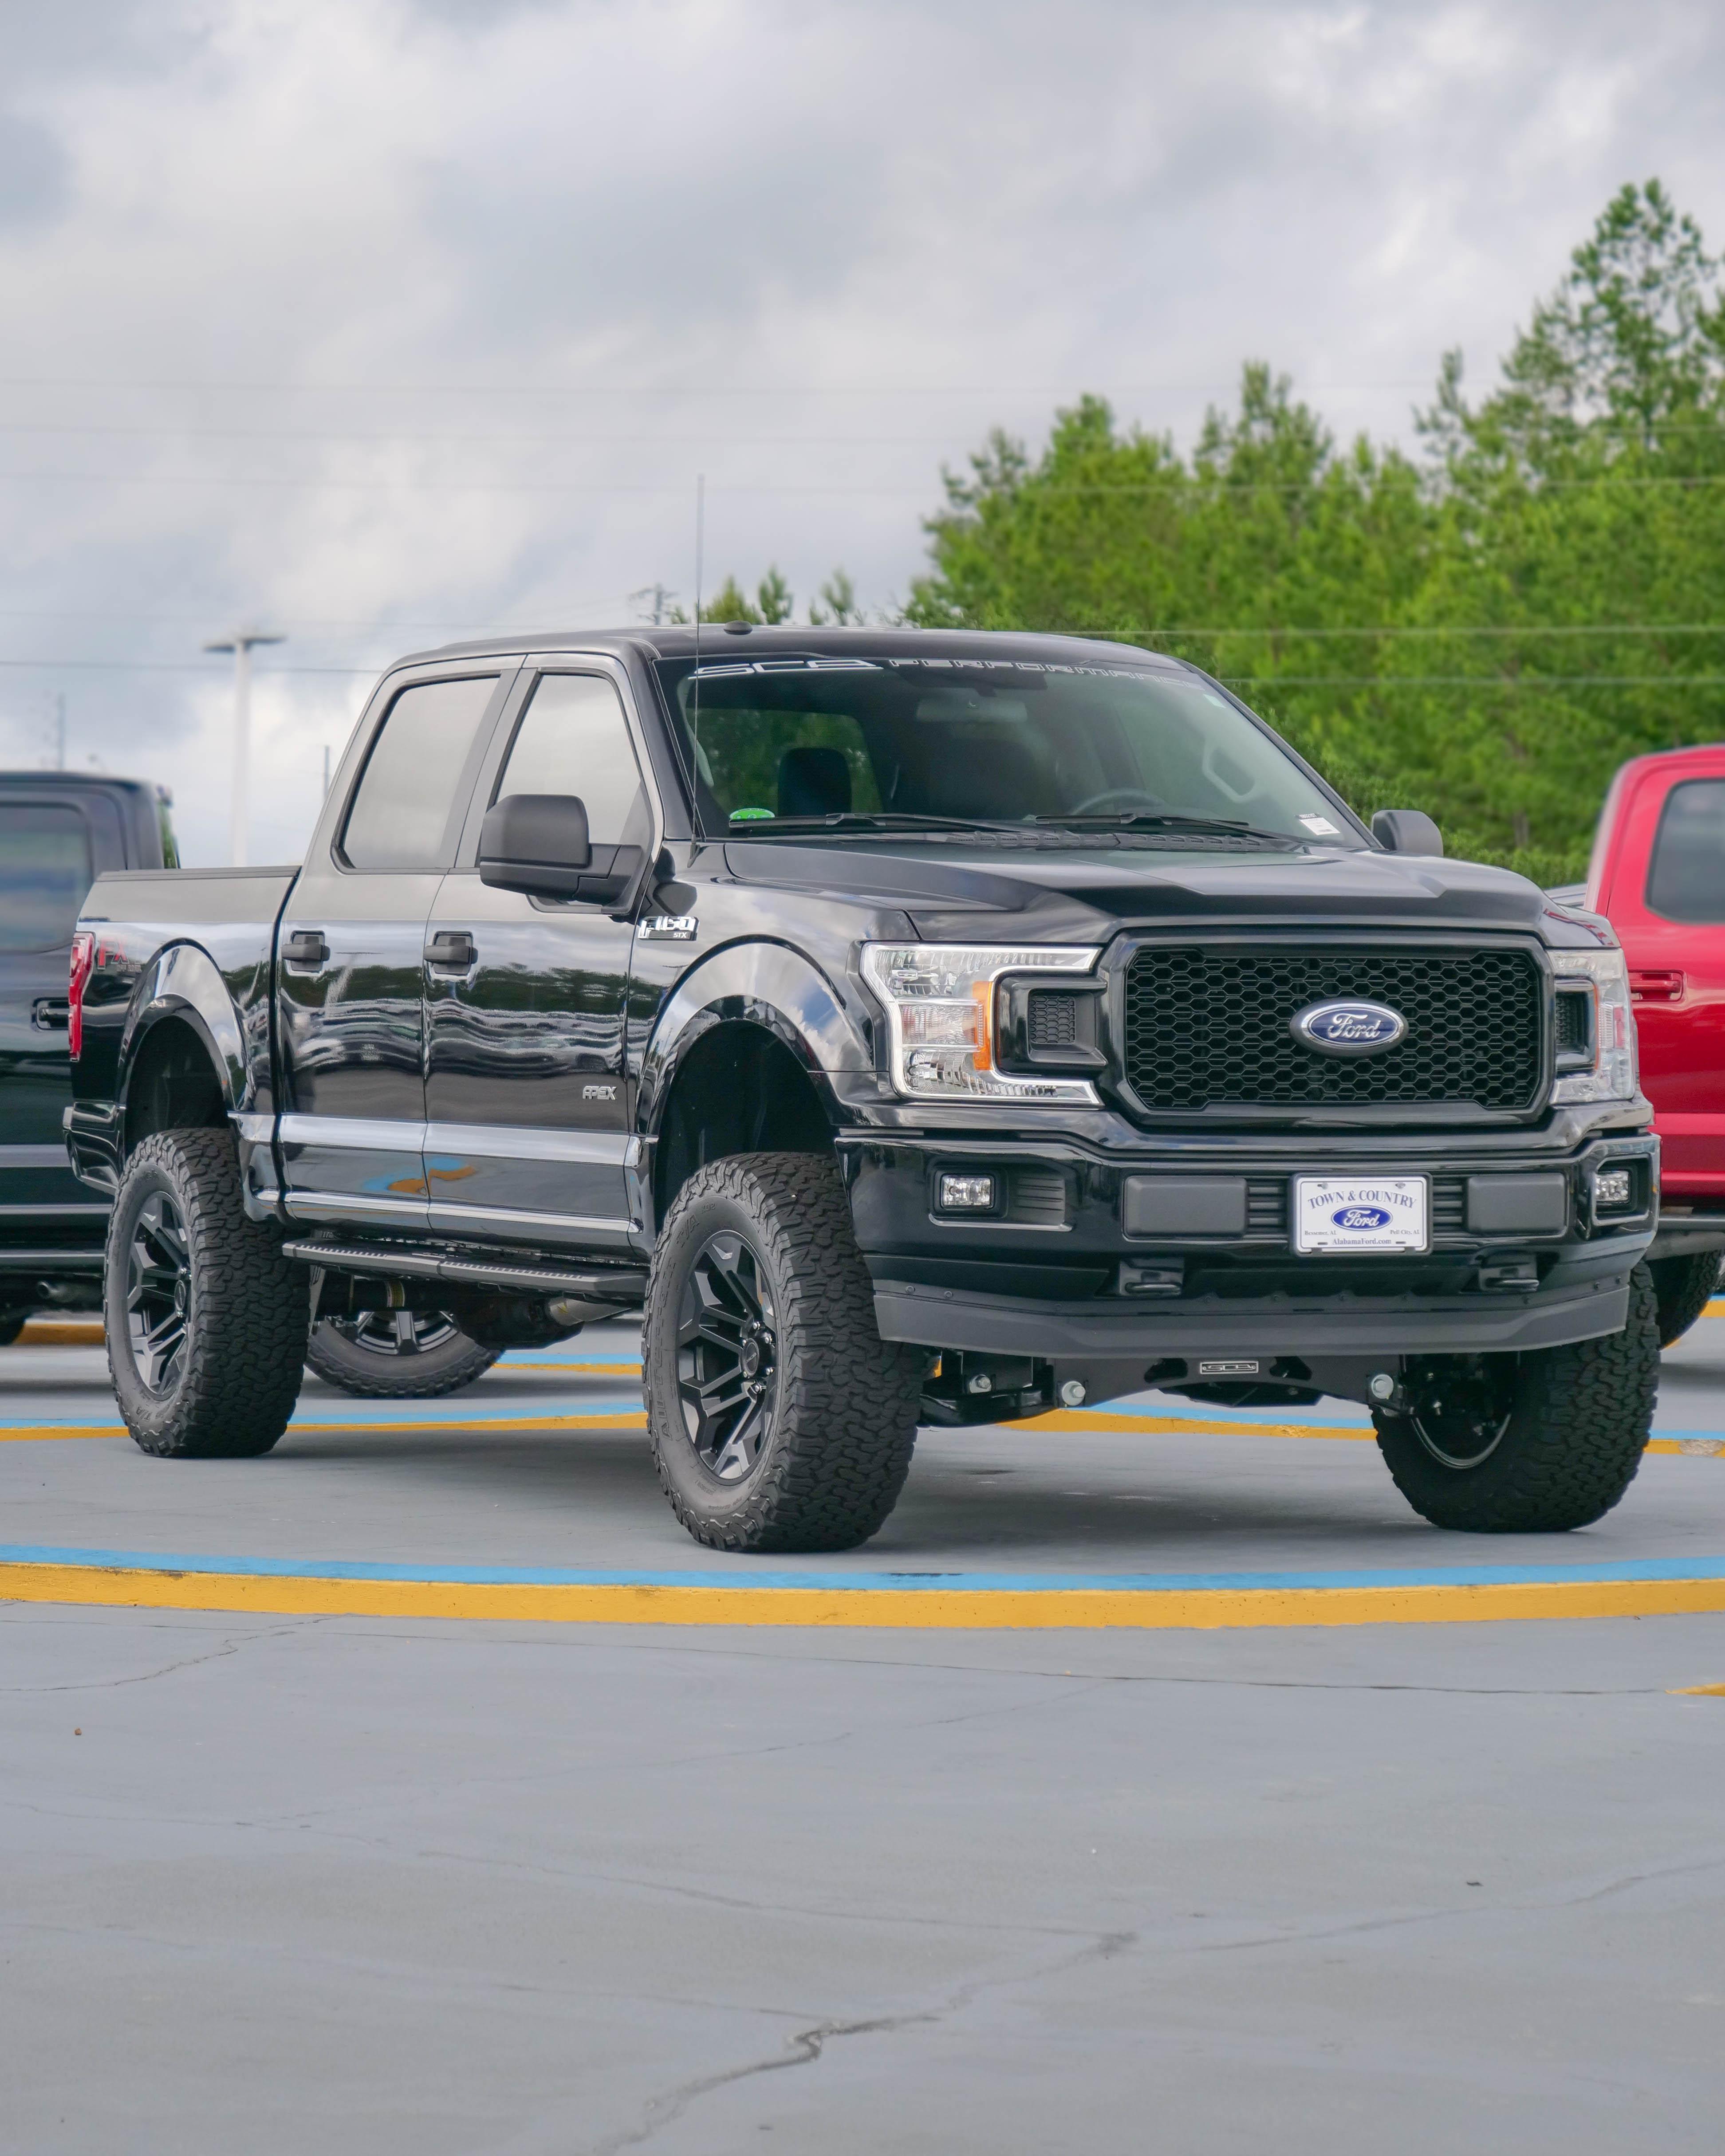 Sca Performance Lifted 4x4 Trucks: SCA Trucks